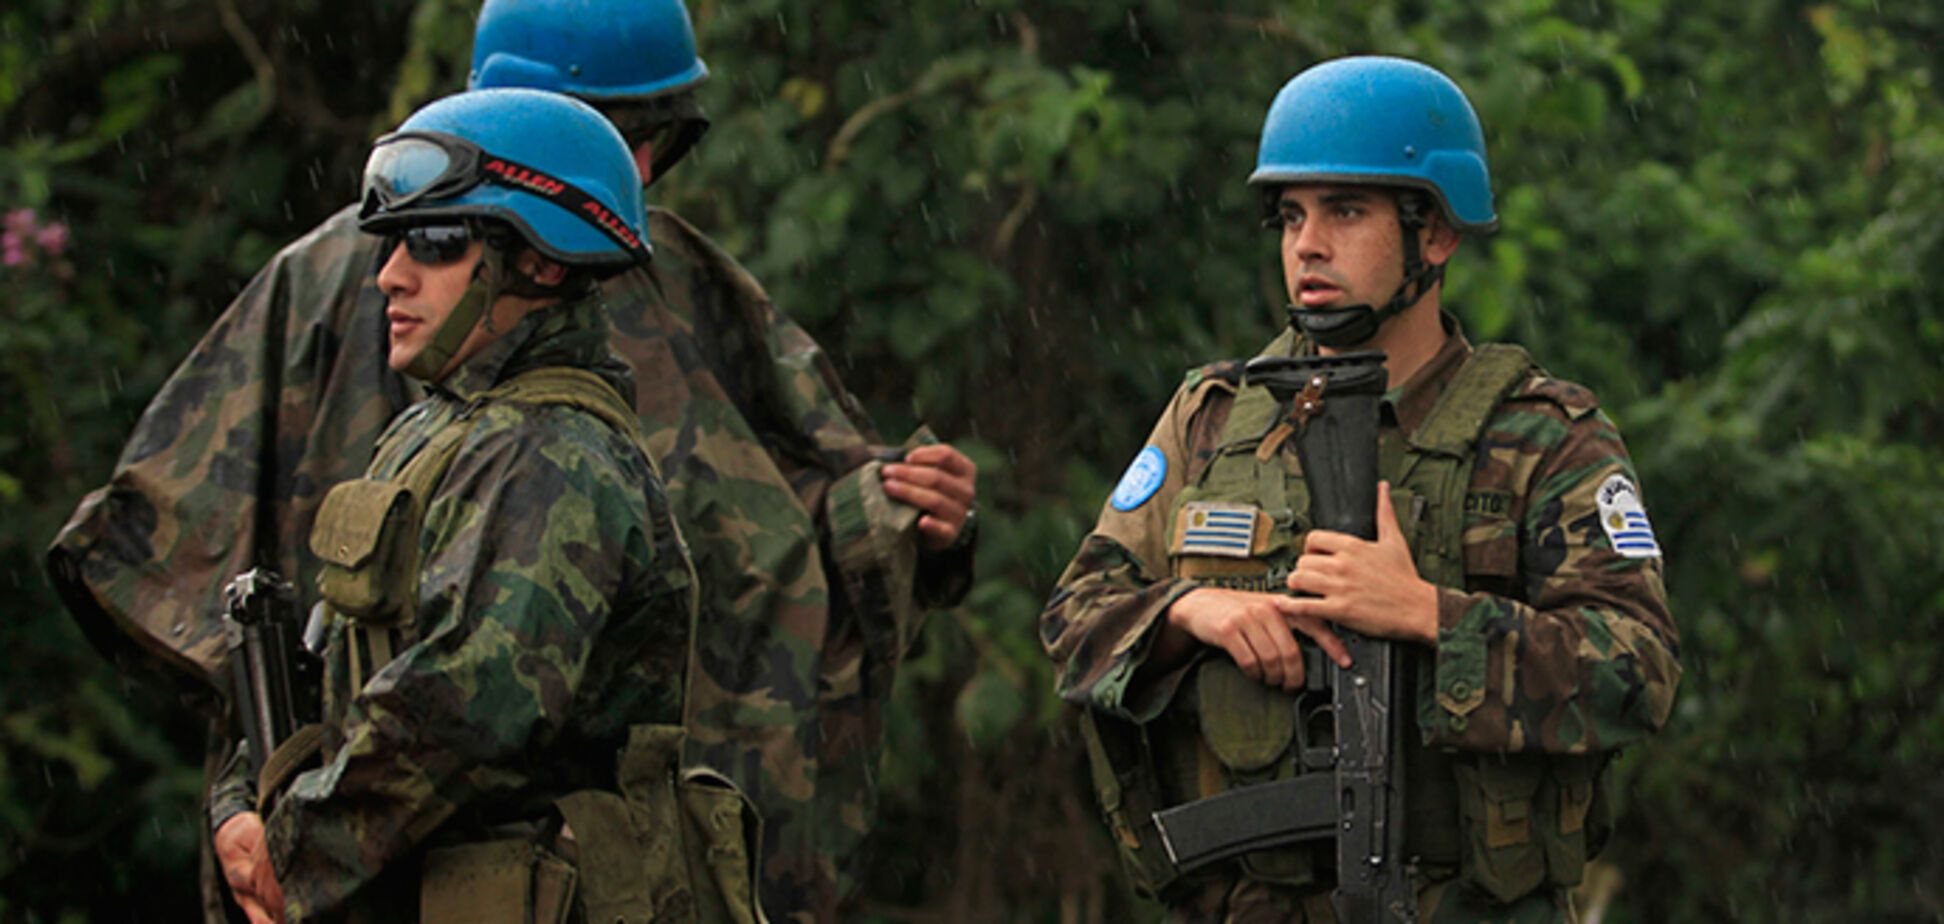 Миротворцы на Донбассе: спрогнозировано участие 'гибридных россиян'